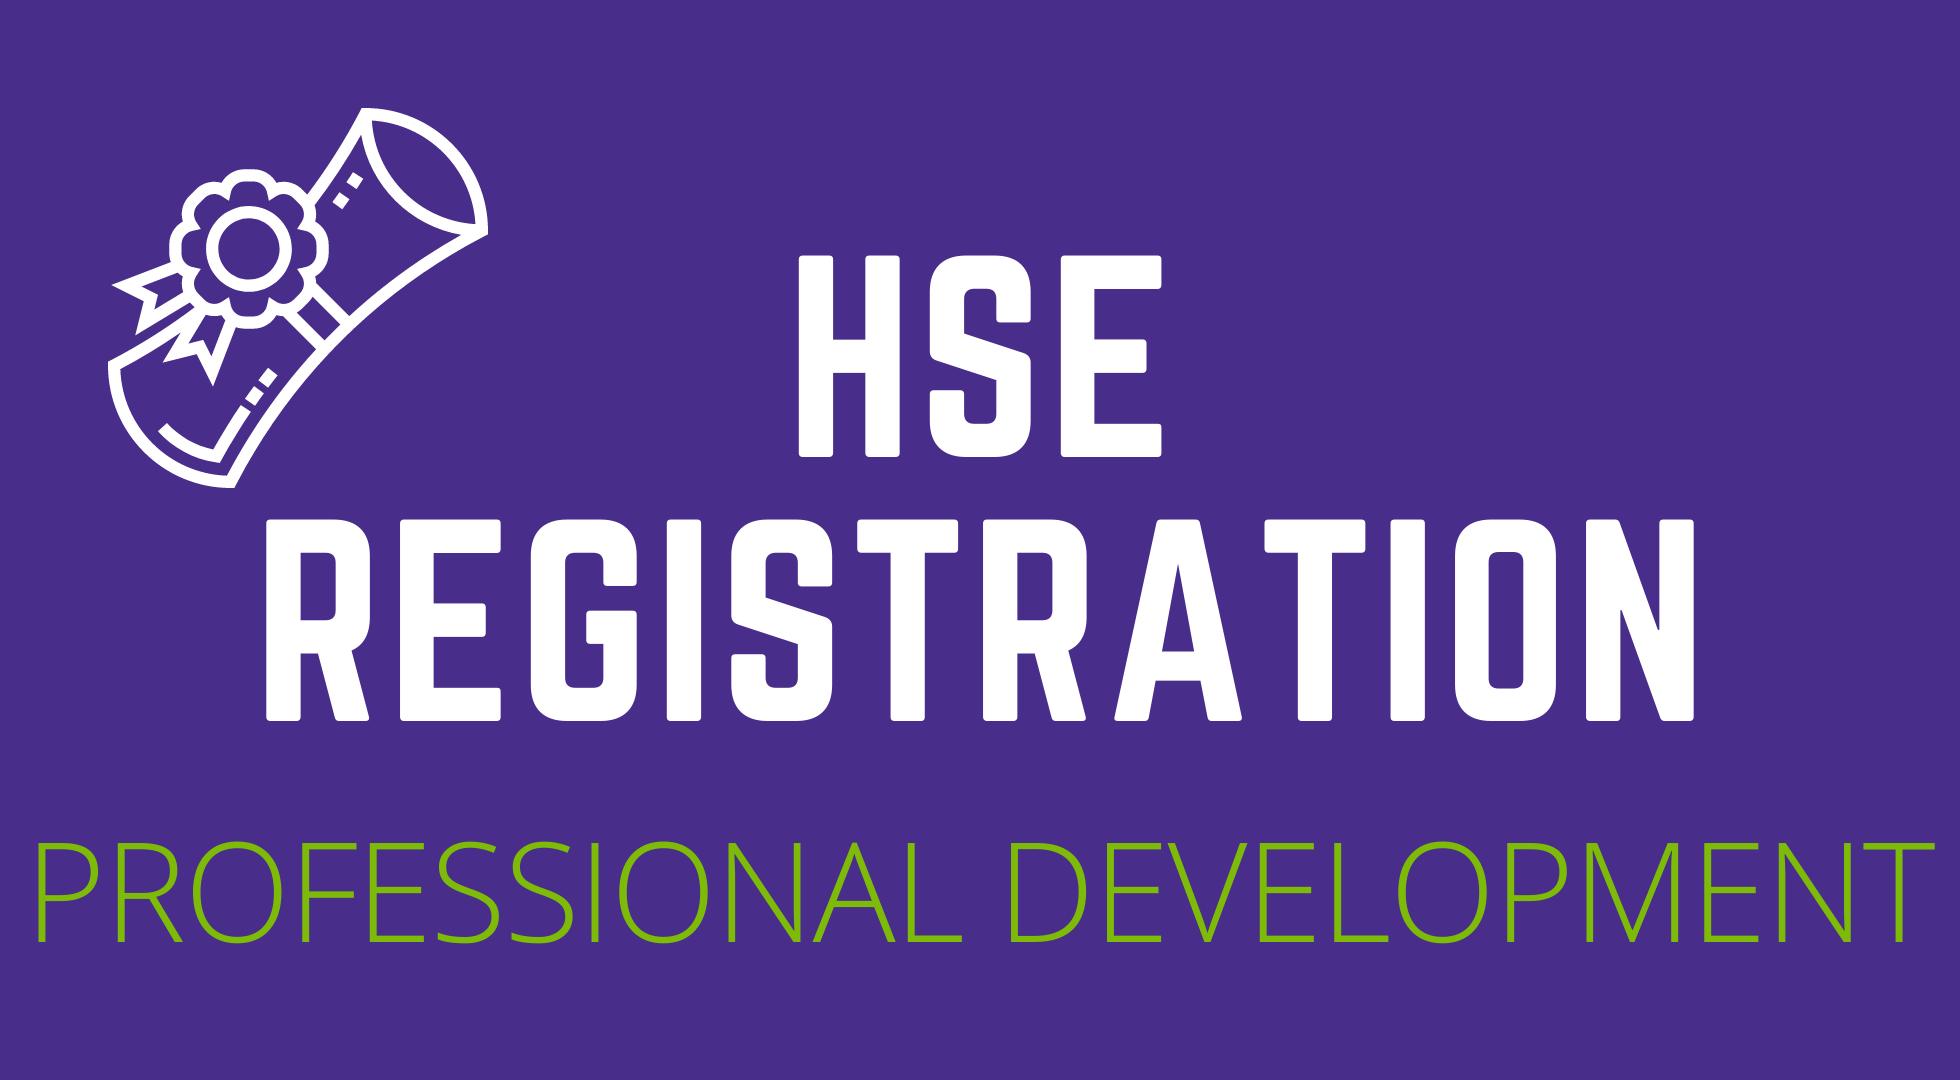 HSE Registration